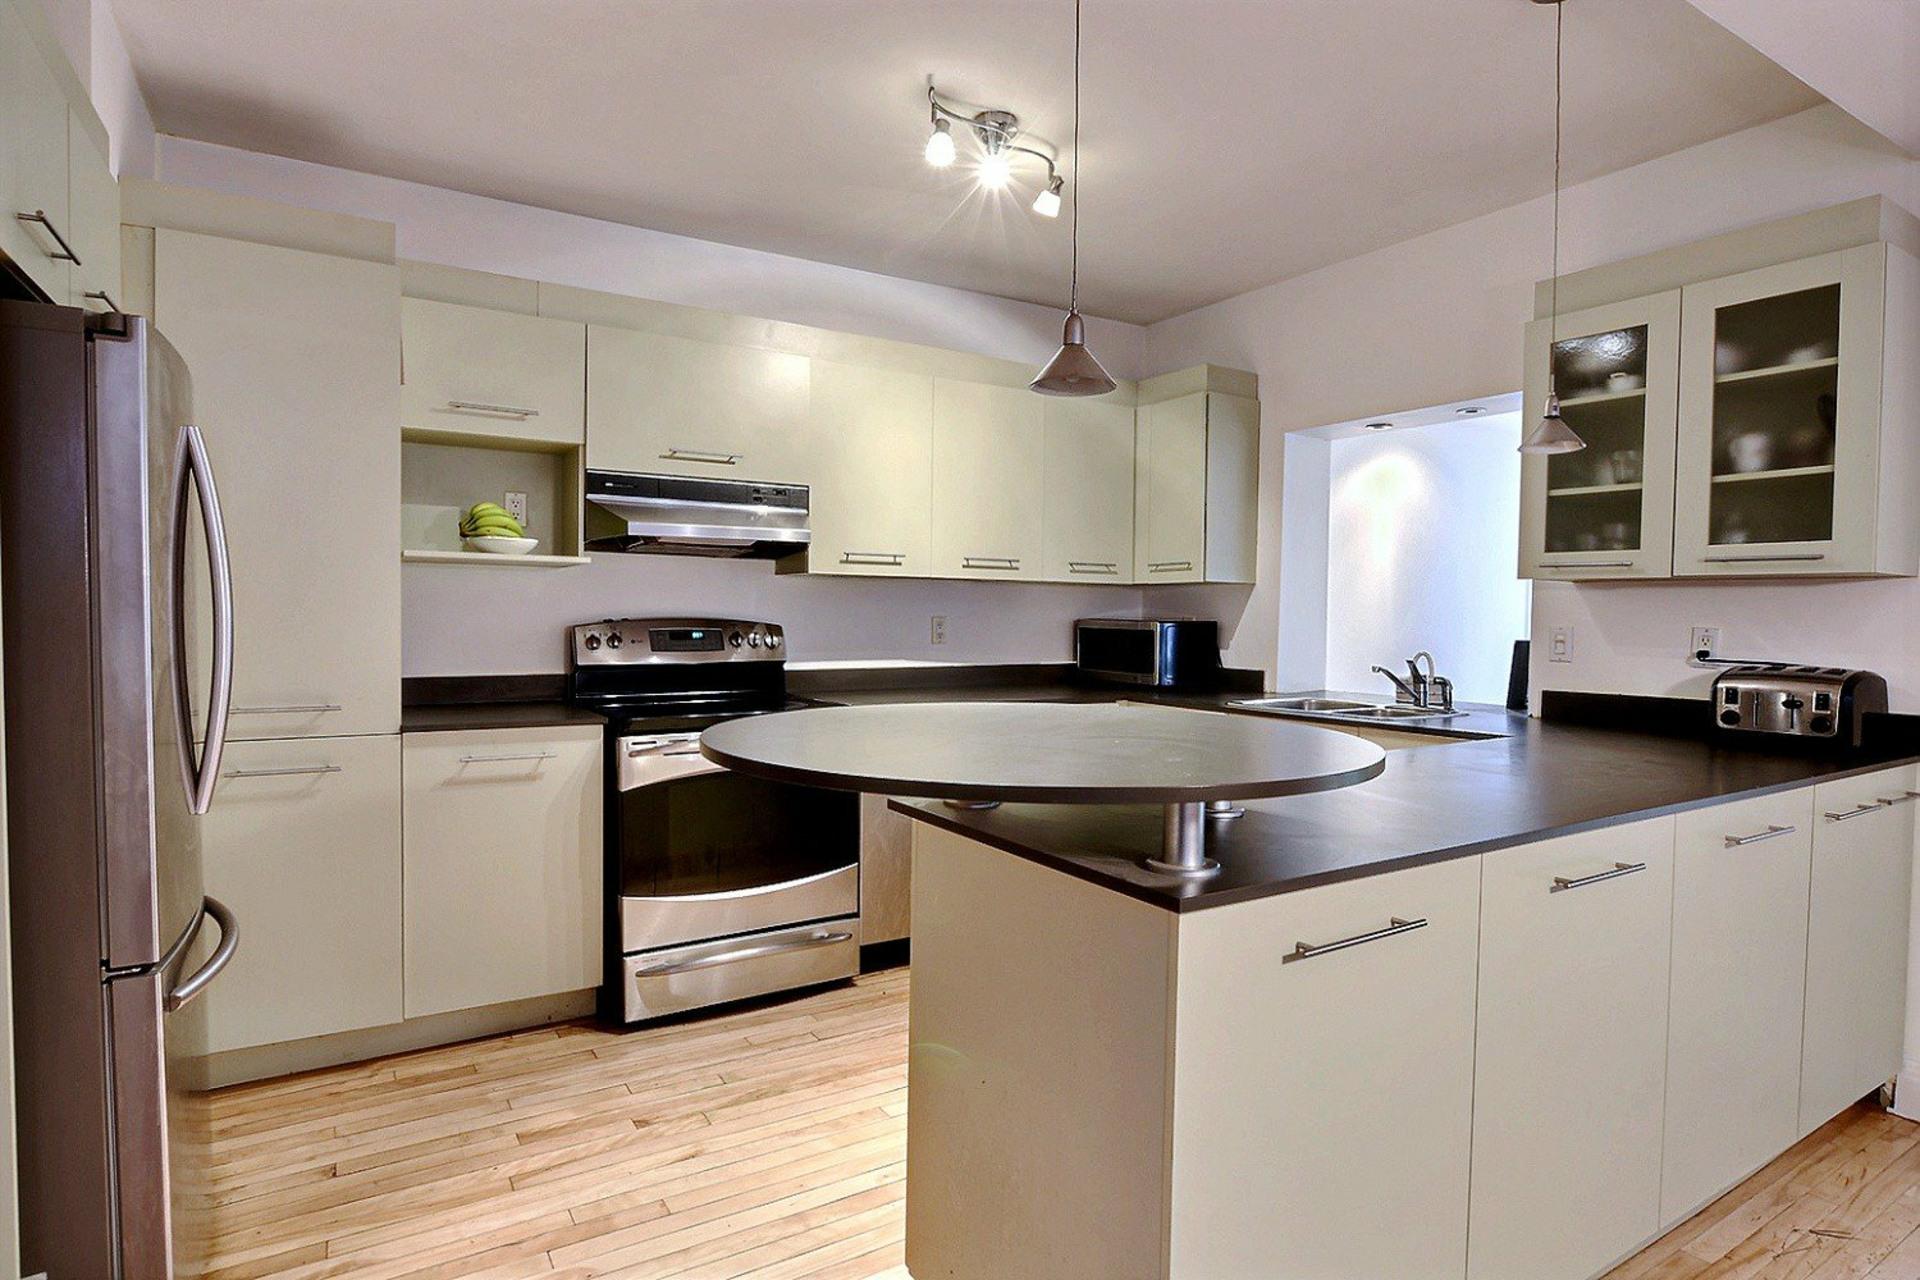 image 7 - Appartement À louer Côte-des-Neiges/Notre-Dame-de-Grâce Montréal  - 5 pièces